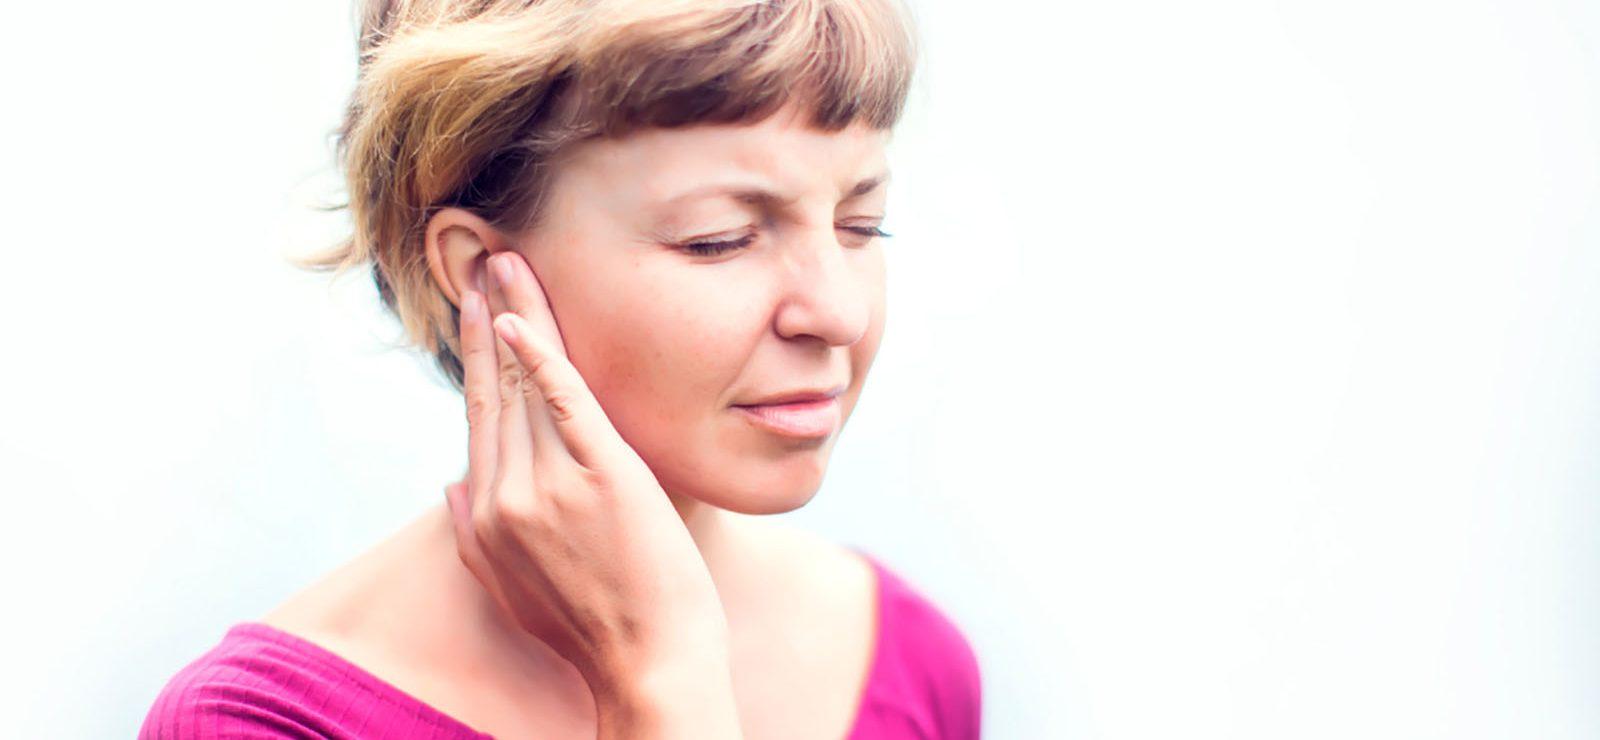 Cómo tratar el dolor facial provocado por la neuralgia del trigémino